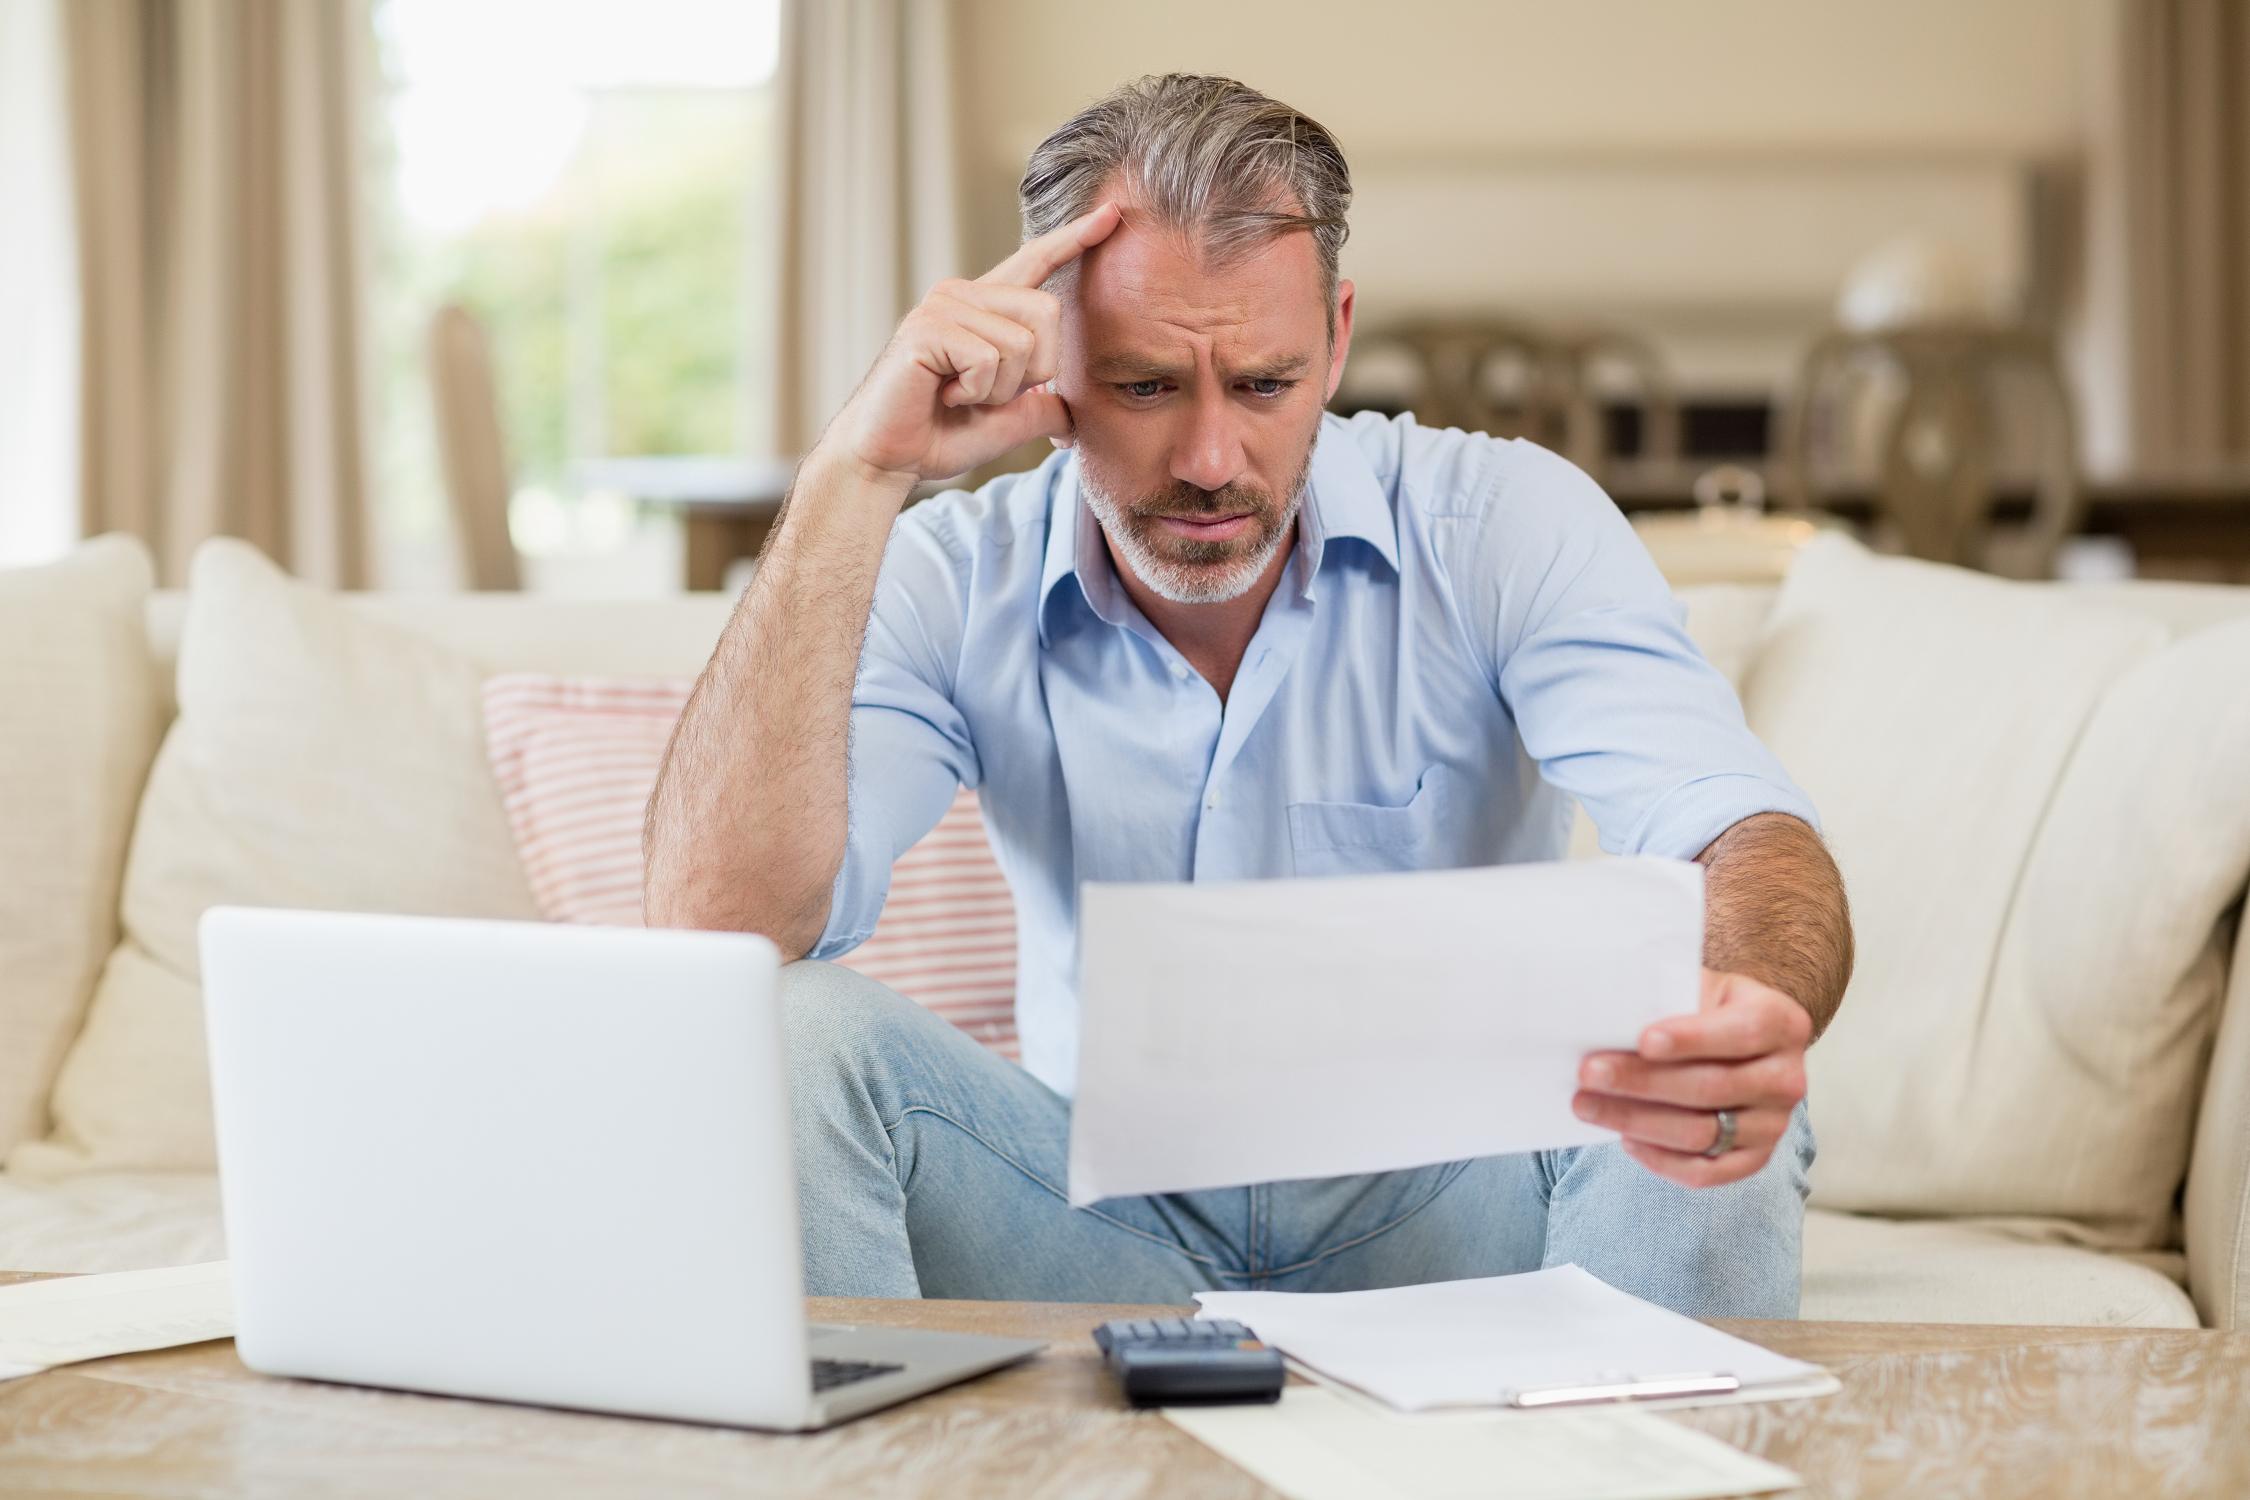 Síndico pode efetuar despesa sem autorização?